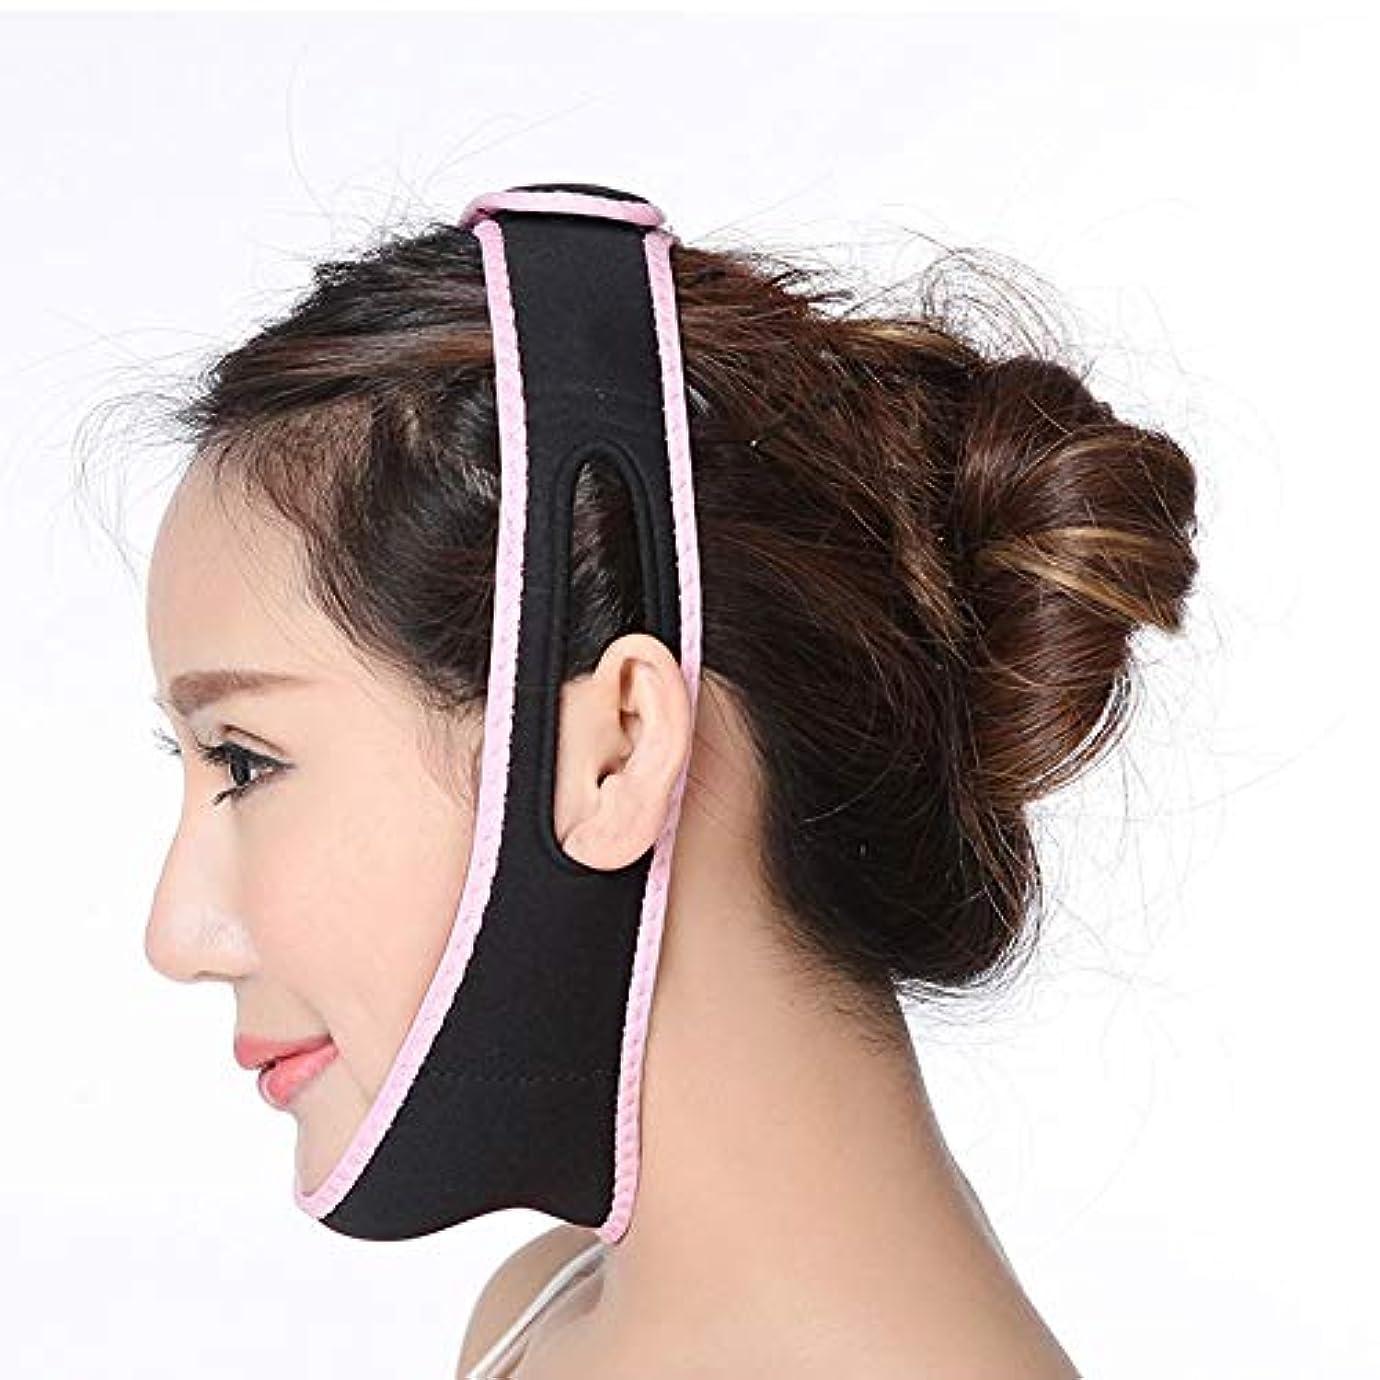 うっかり許されるレーニン主義Jia Jia- フェイスリフティングアーティファクト3D薄型フェイス付き薄型シンフェイスマスク小型Vフェイス包帯二重あごフェイスリフティングデバイスリフティングファーミング - ブラック 顔面包帯